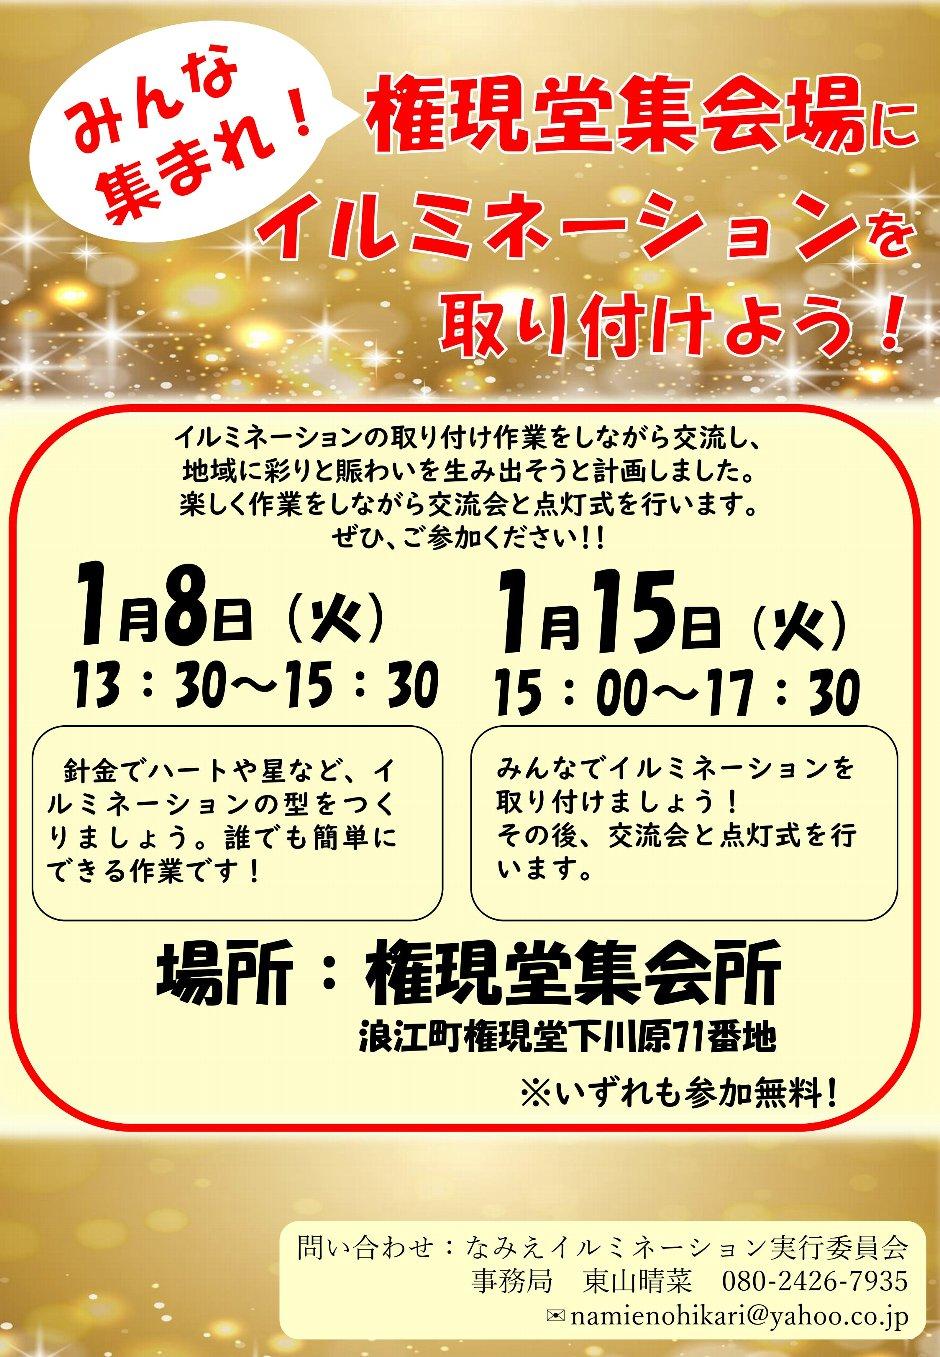 2019.1.15みんな集まれ!権現堂集会場にイルミネーションを取り付けよう!